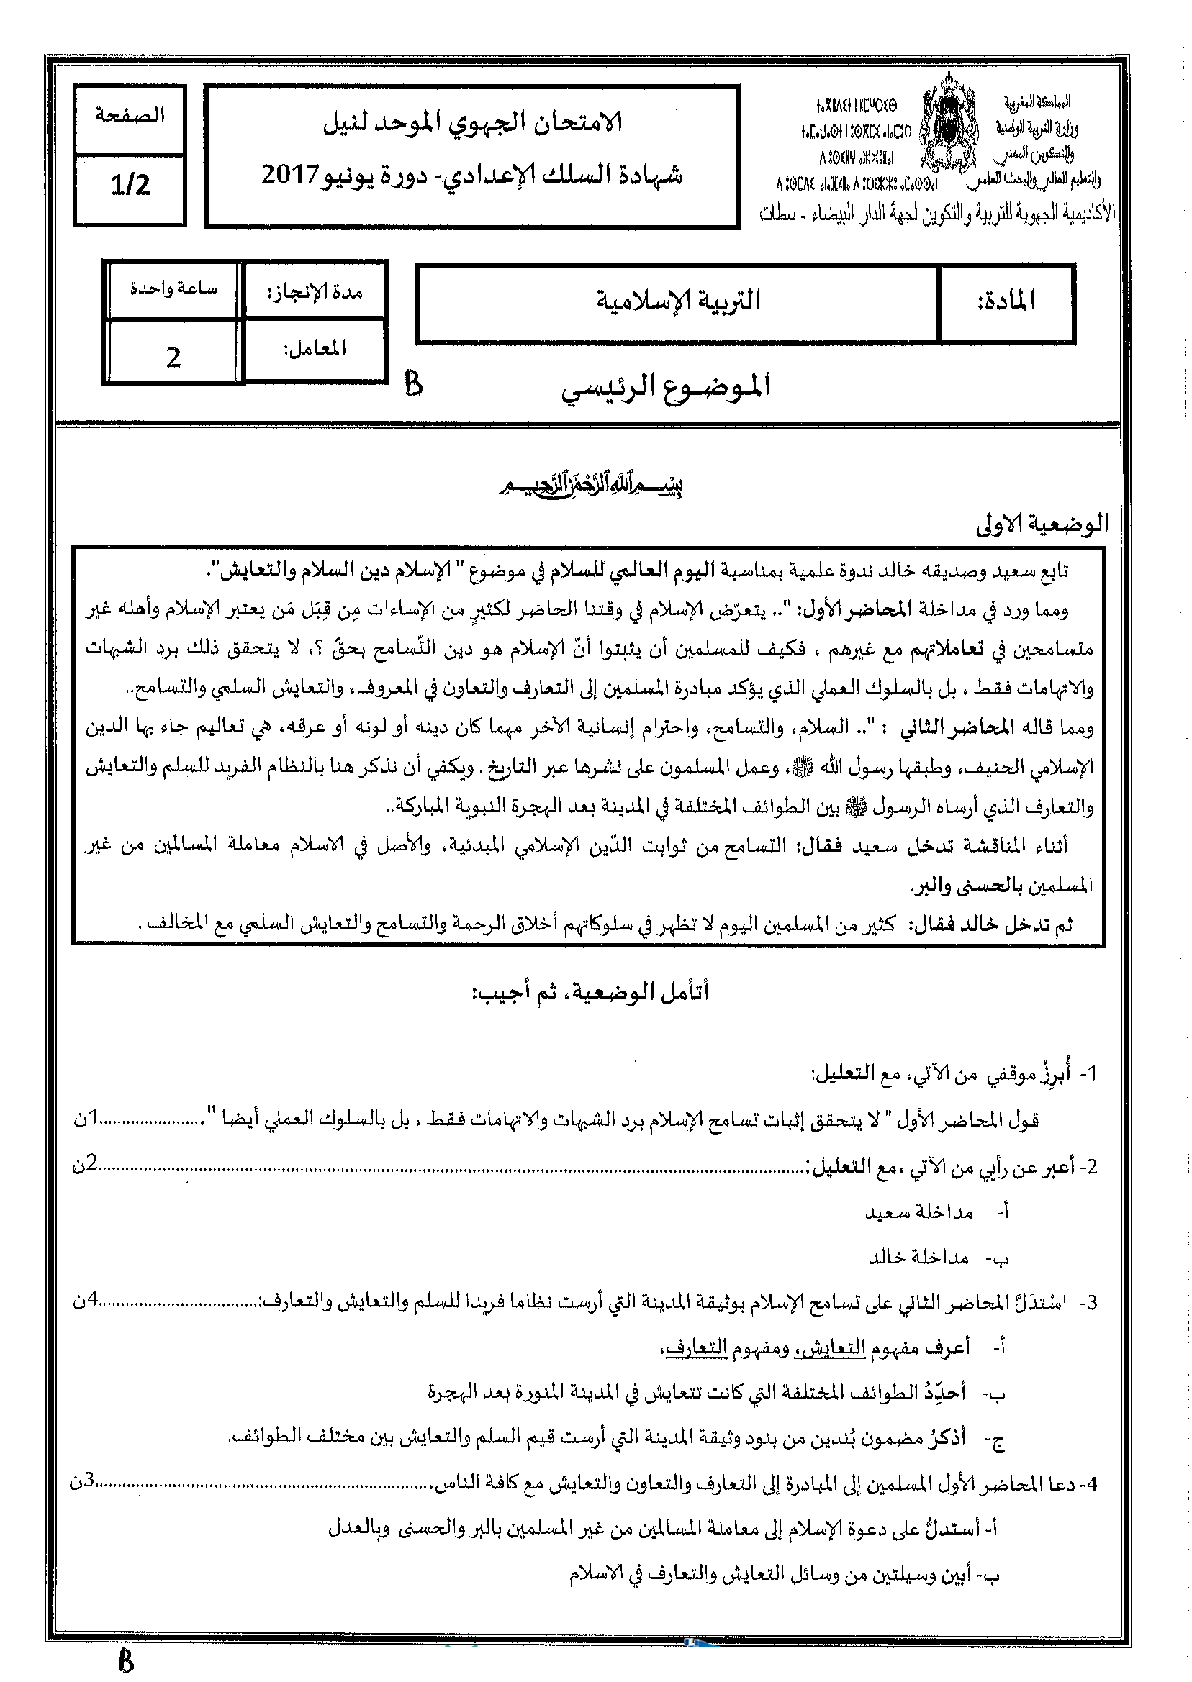 الامتحان الجهوي في التربية الإسلامية جهة الدار البيضاء سطات 2017 مع التصحيح